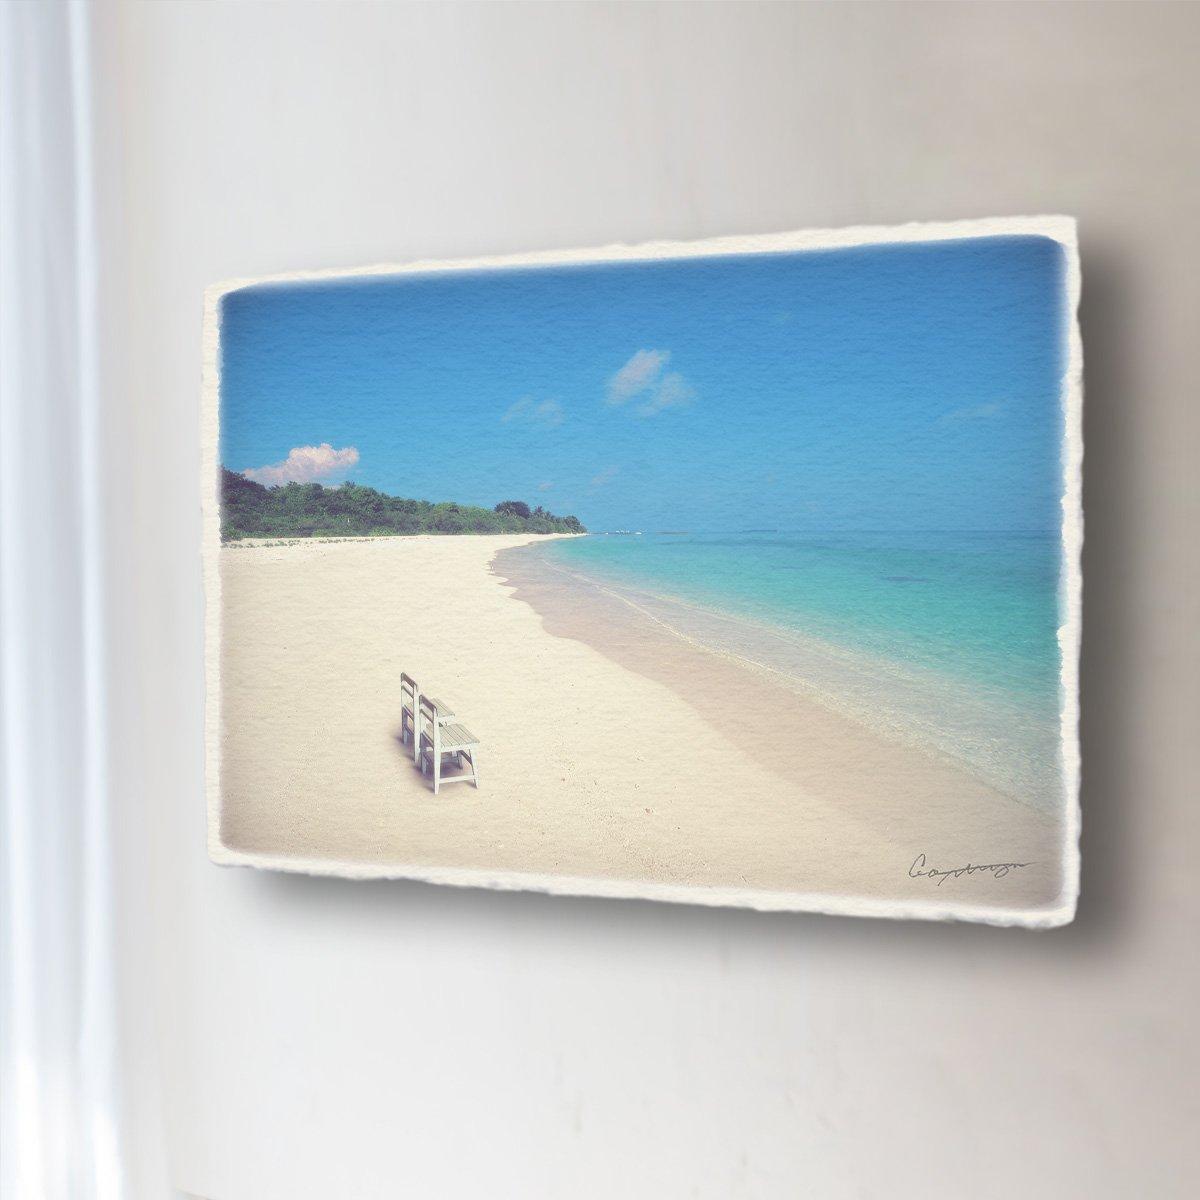 和紙 アートパネル 「どこまでも続く珊瑚礁の砂浜と白い椅子」 (68x45cm) 結婚祝い プレゼント 絵 絵画 壁掛け 壁飾り インテリア アート B07DRPKFC6 16.アートパネル(長辺68cm) 48000円|どこまでも続く珊瑚礁の砂浜と白い椅子 どこまでも続く珊瑚礁の砂浜と白い椅子 16.アートパネル(長辺68cm) 48000円